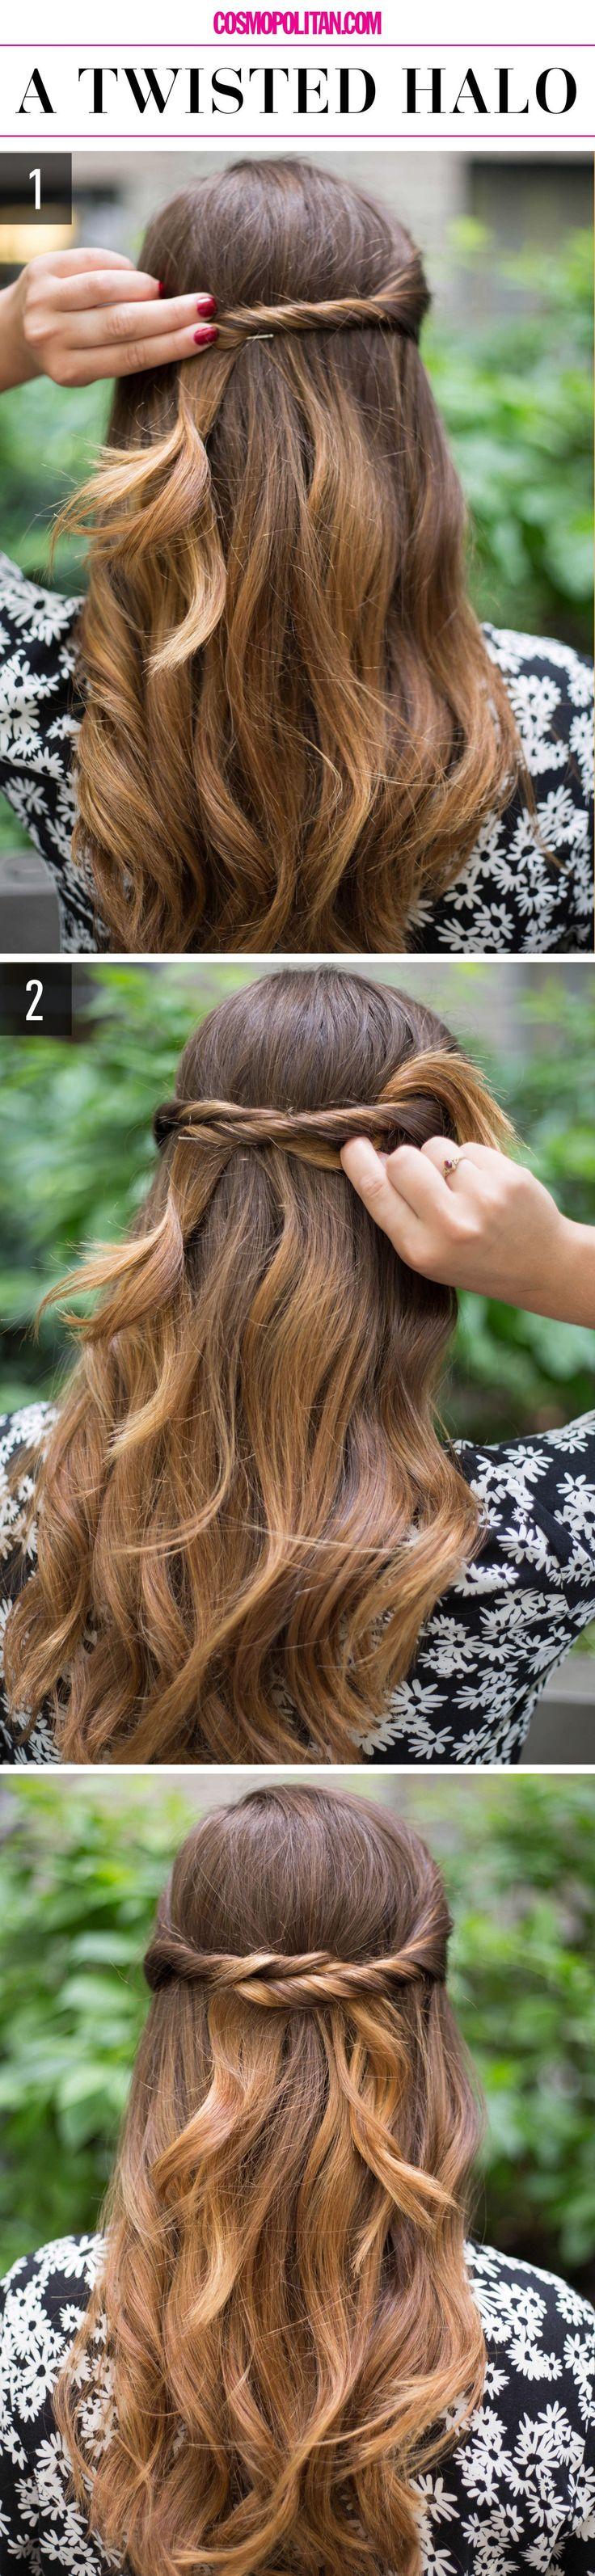 Les 10 Meilleures coiffures Ultra Rapides Très Utiles Quand Vous êtes Pressée